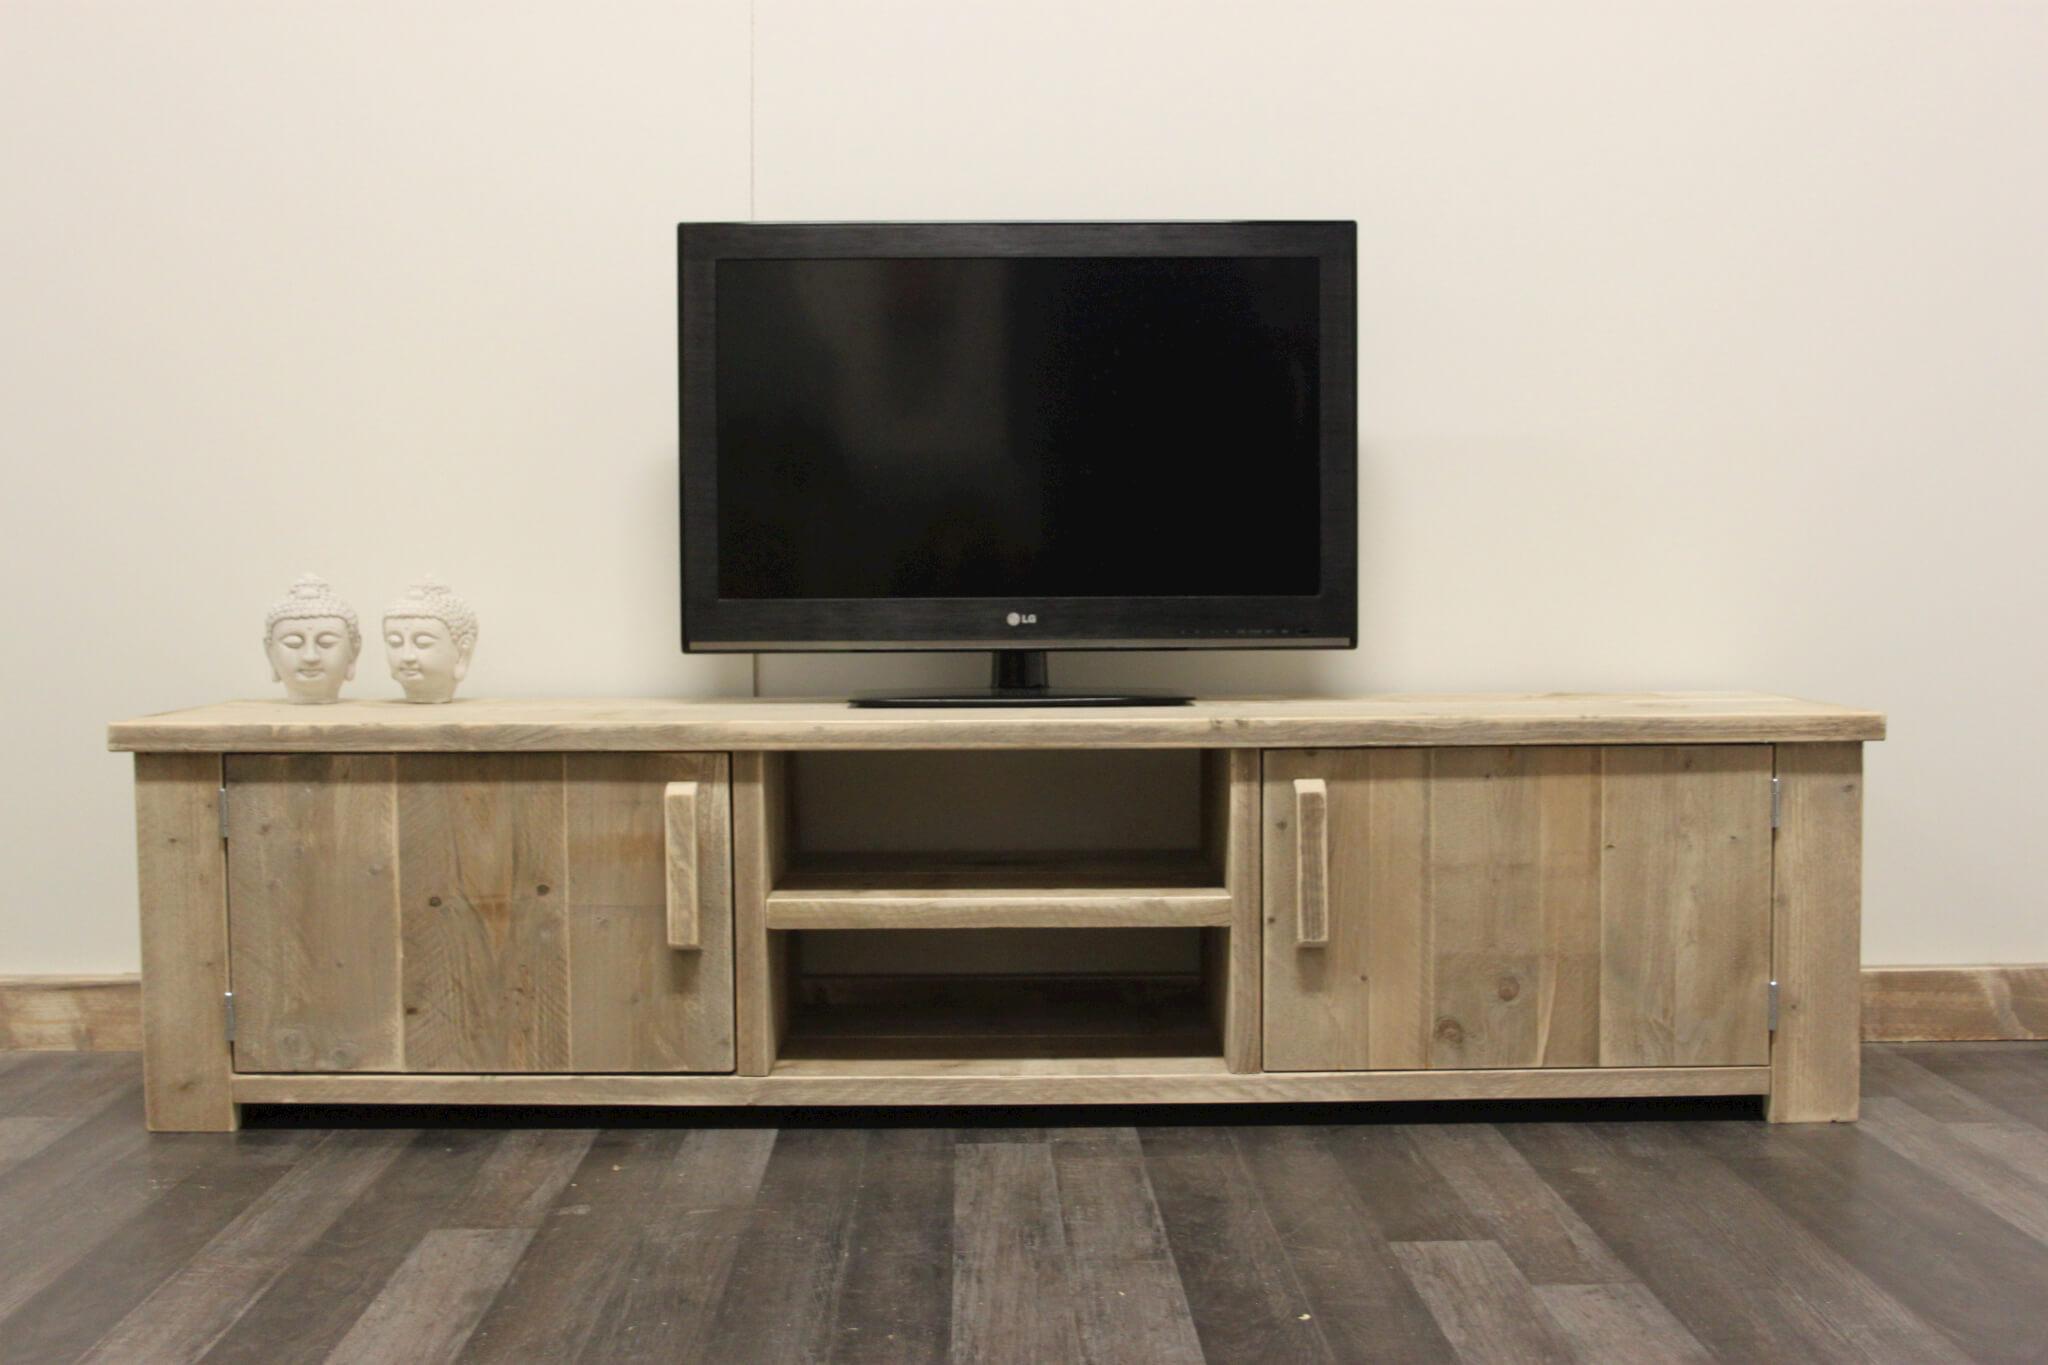 Steigerhouten tv meubel madras steigerhouttrend - Meubel lijn roset ...